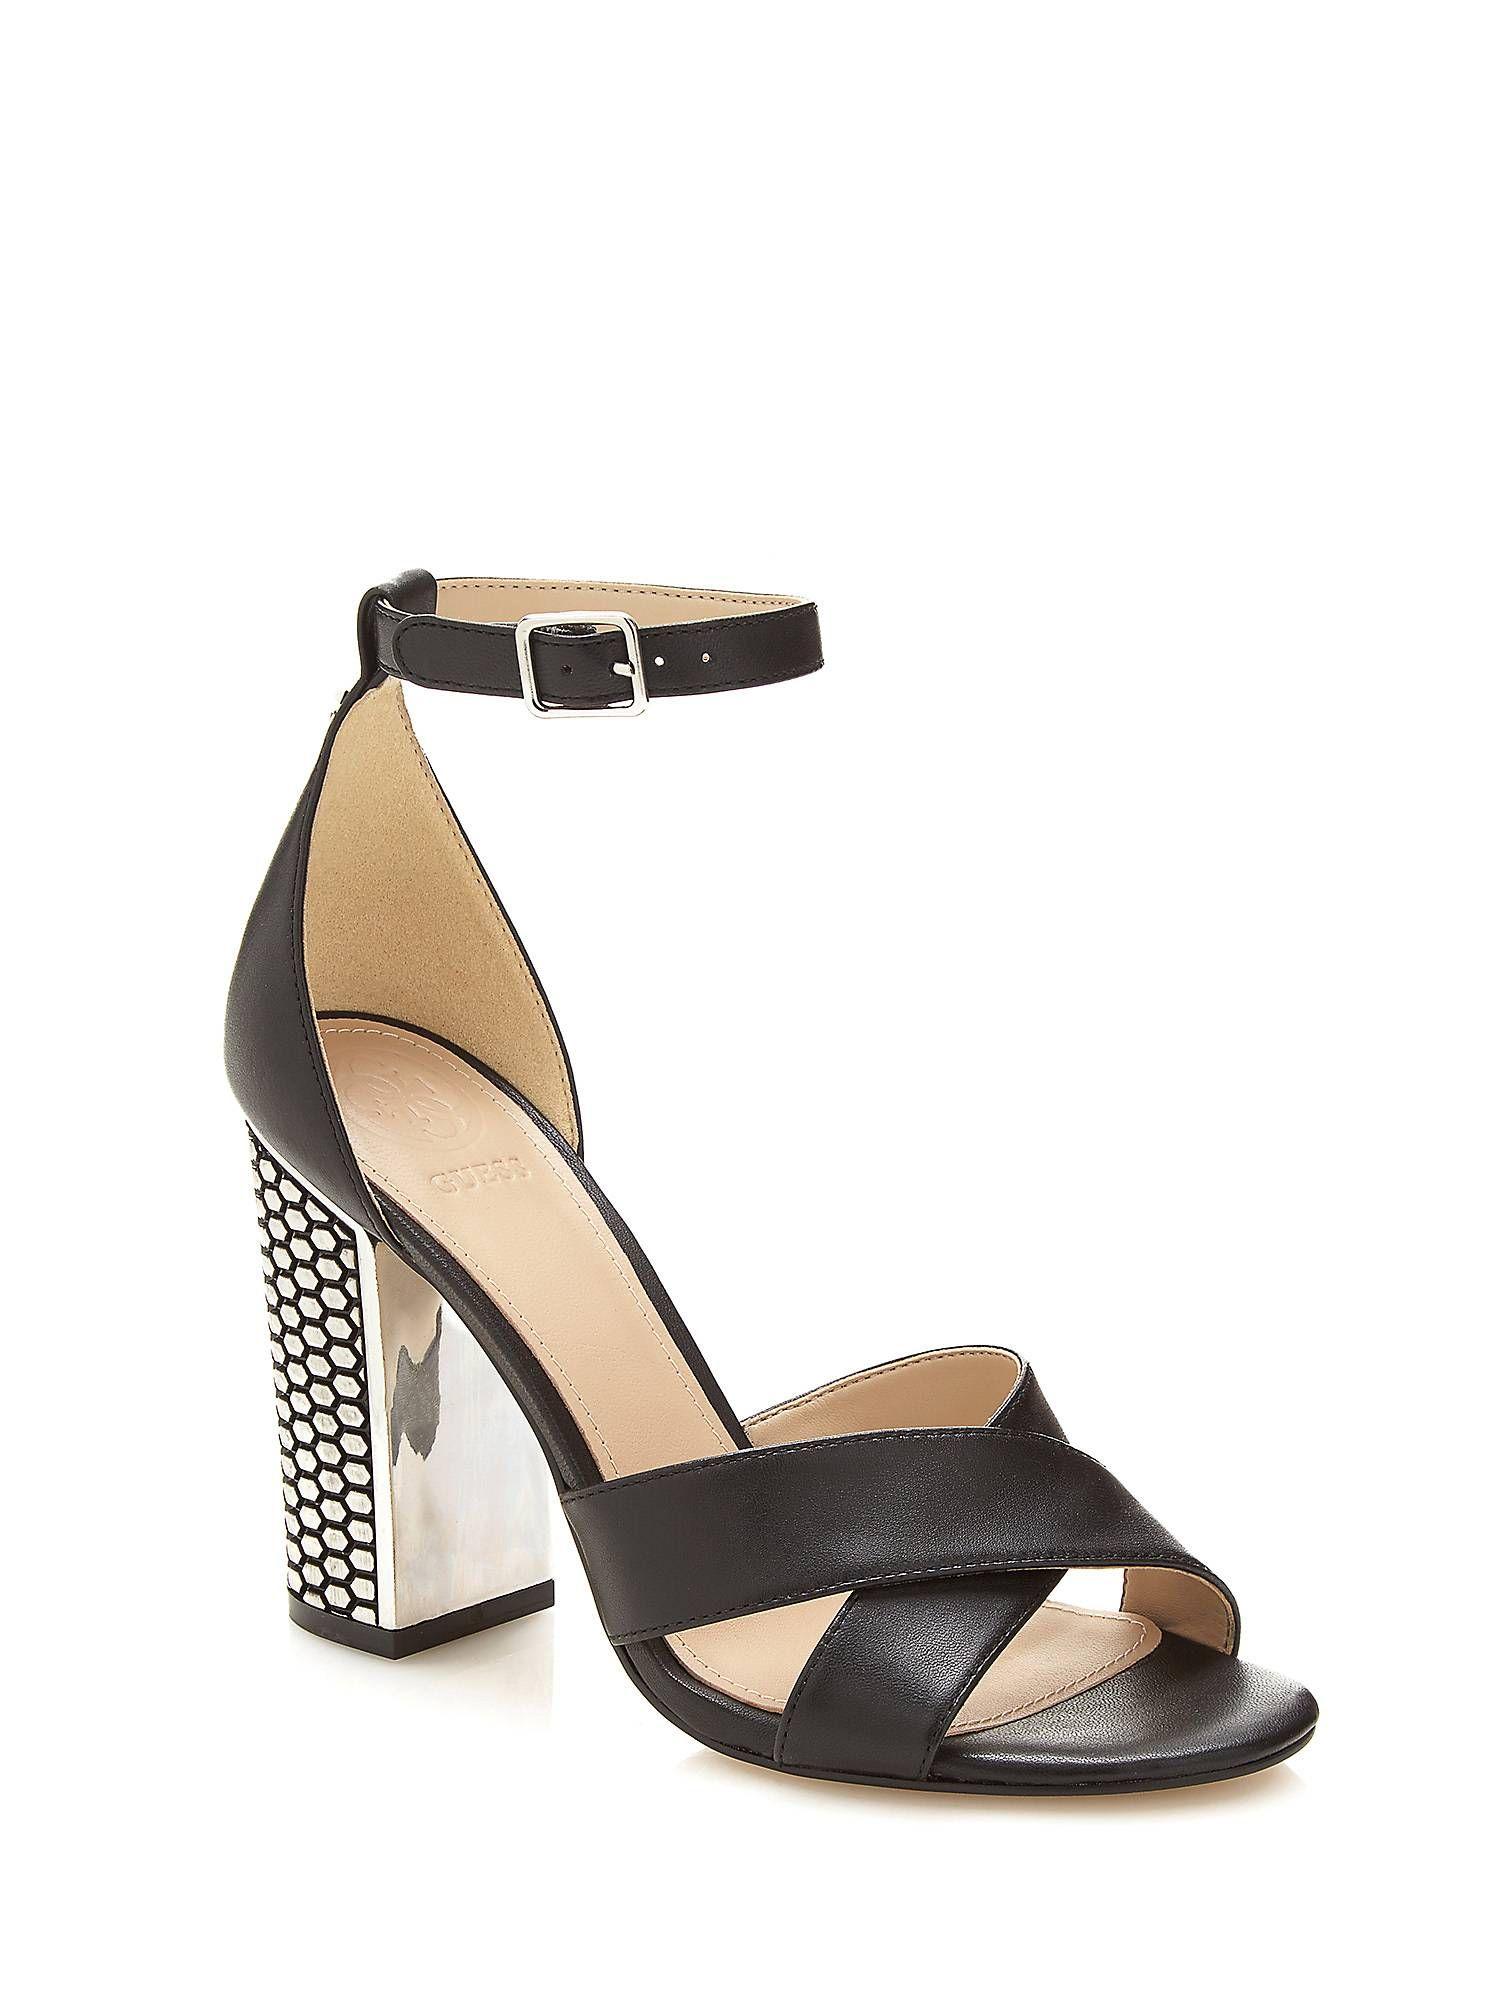 2018Y Verano Guess Zapatos Catálogo Primavera 34Rjcq5ALS